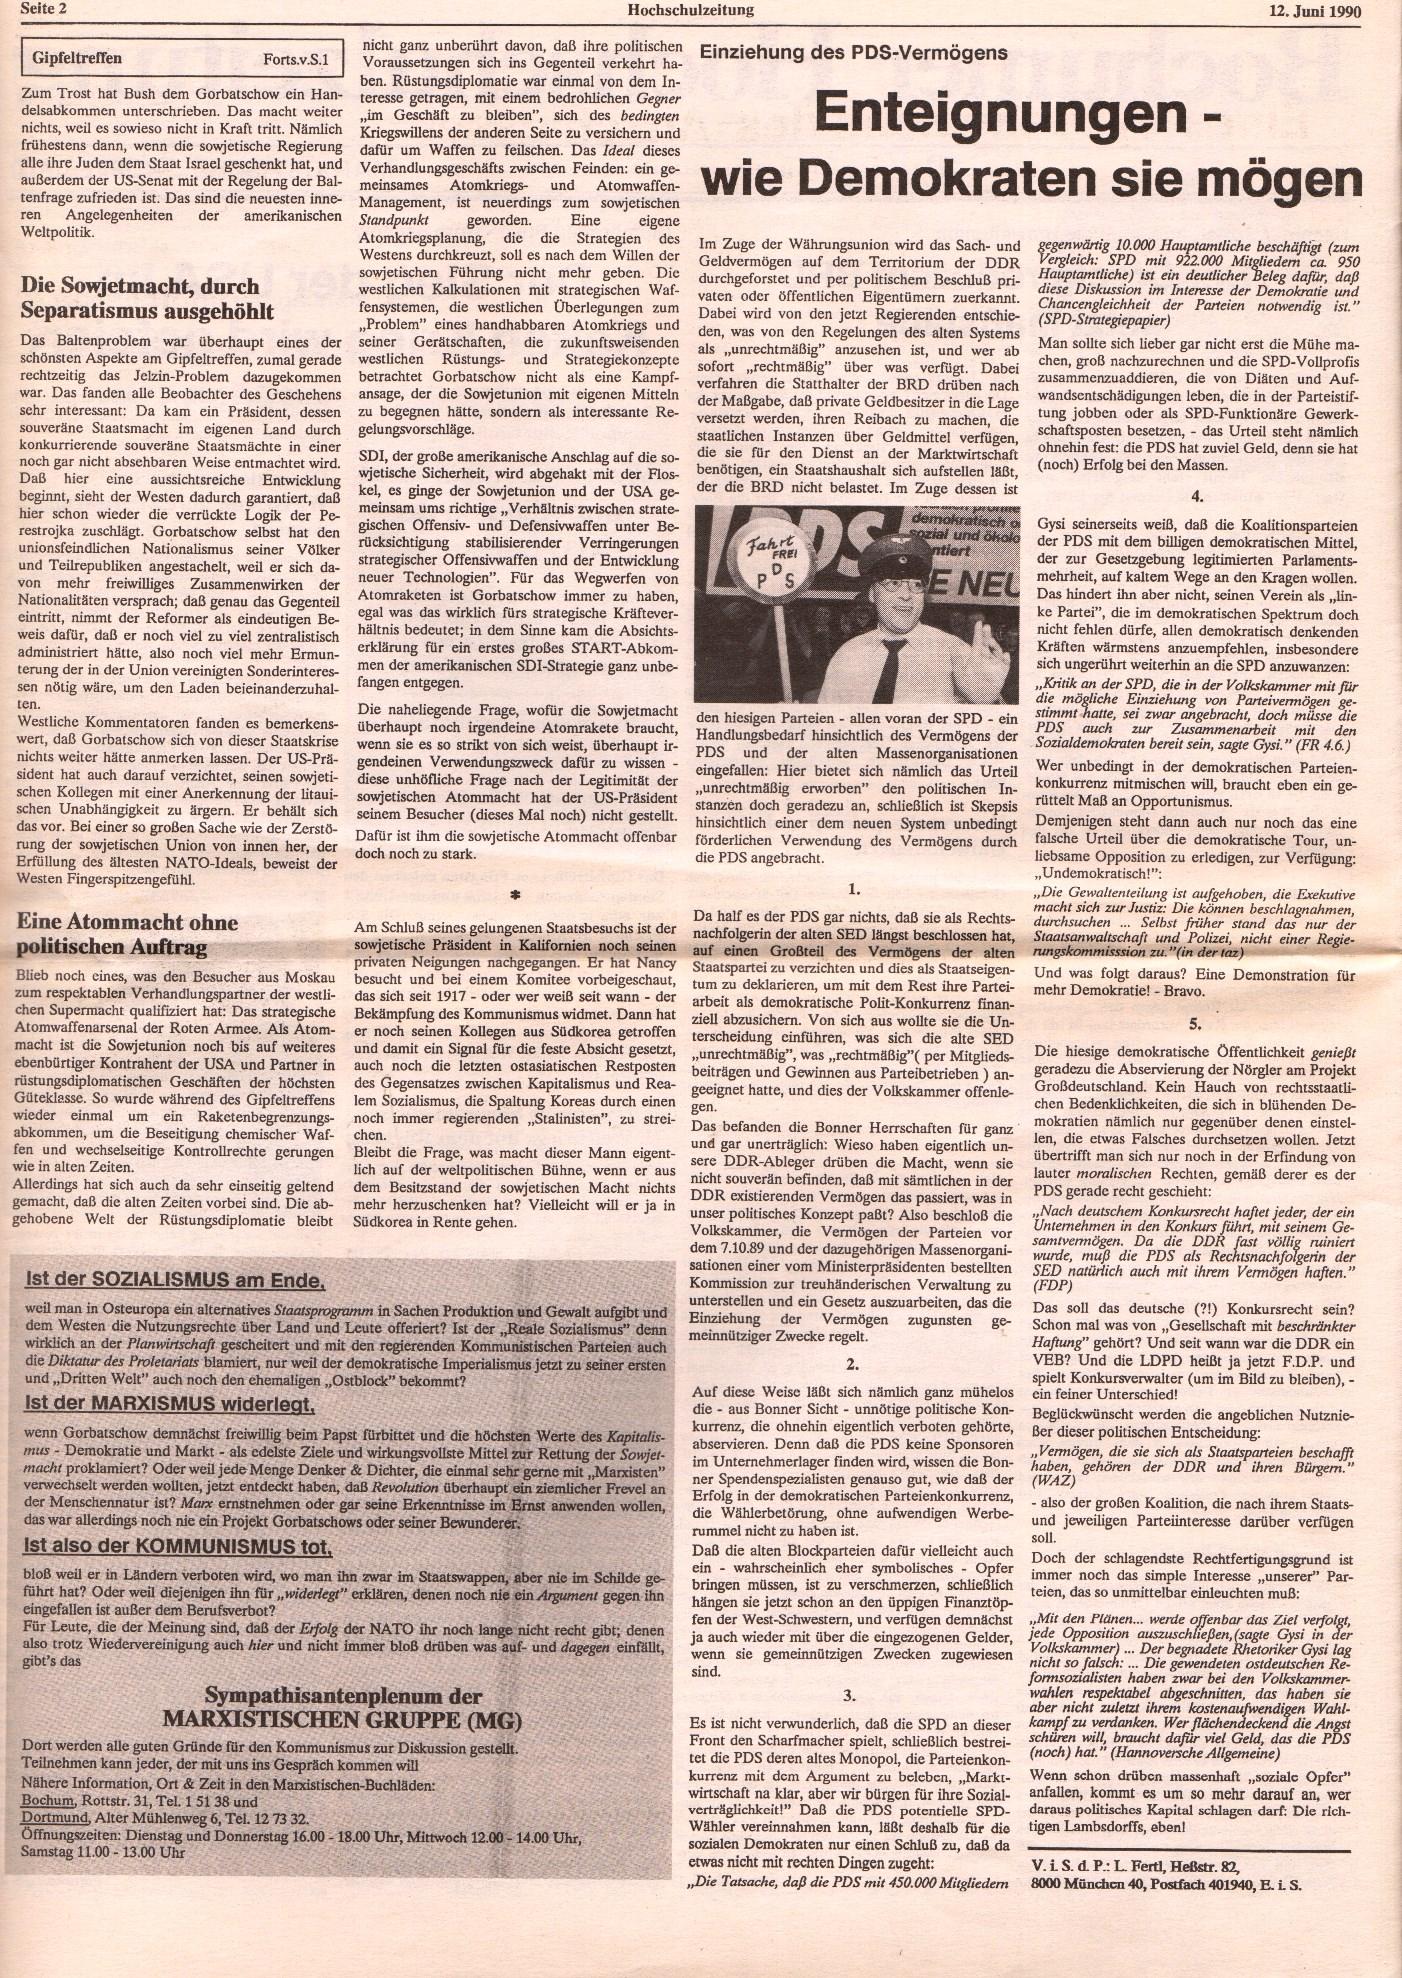 MG_Bochumer_Hochschulzeitung_19900612_02